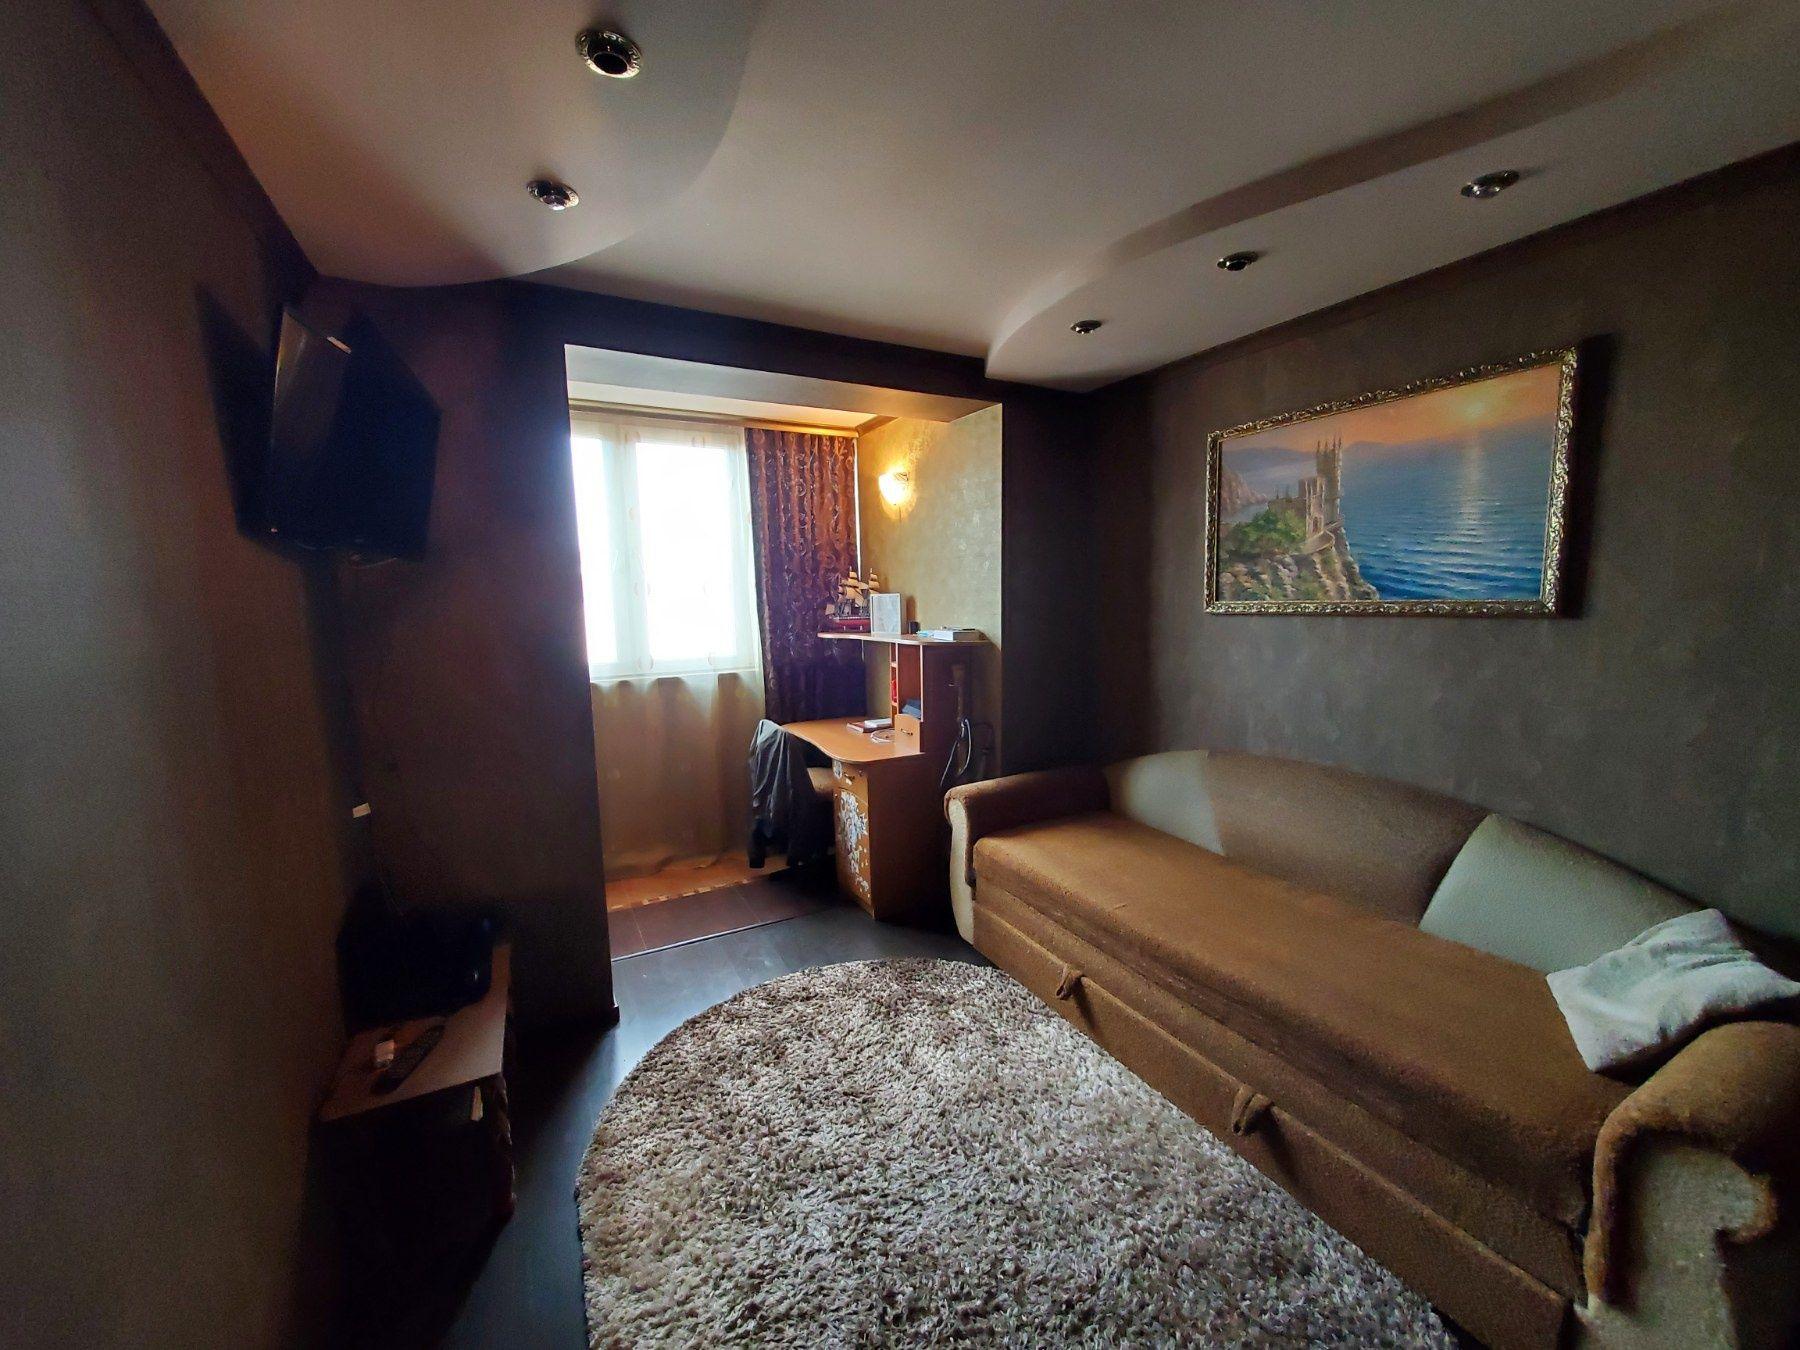 Продається 2 кімнатний пентхаус в новобудові в районі Депоту